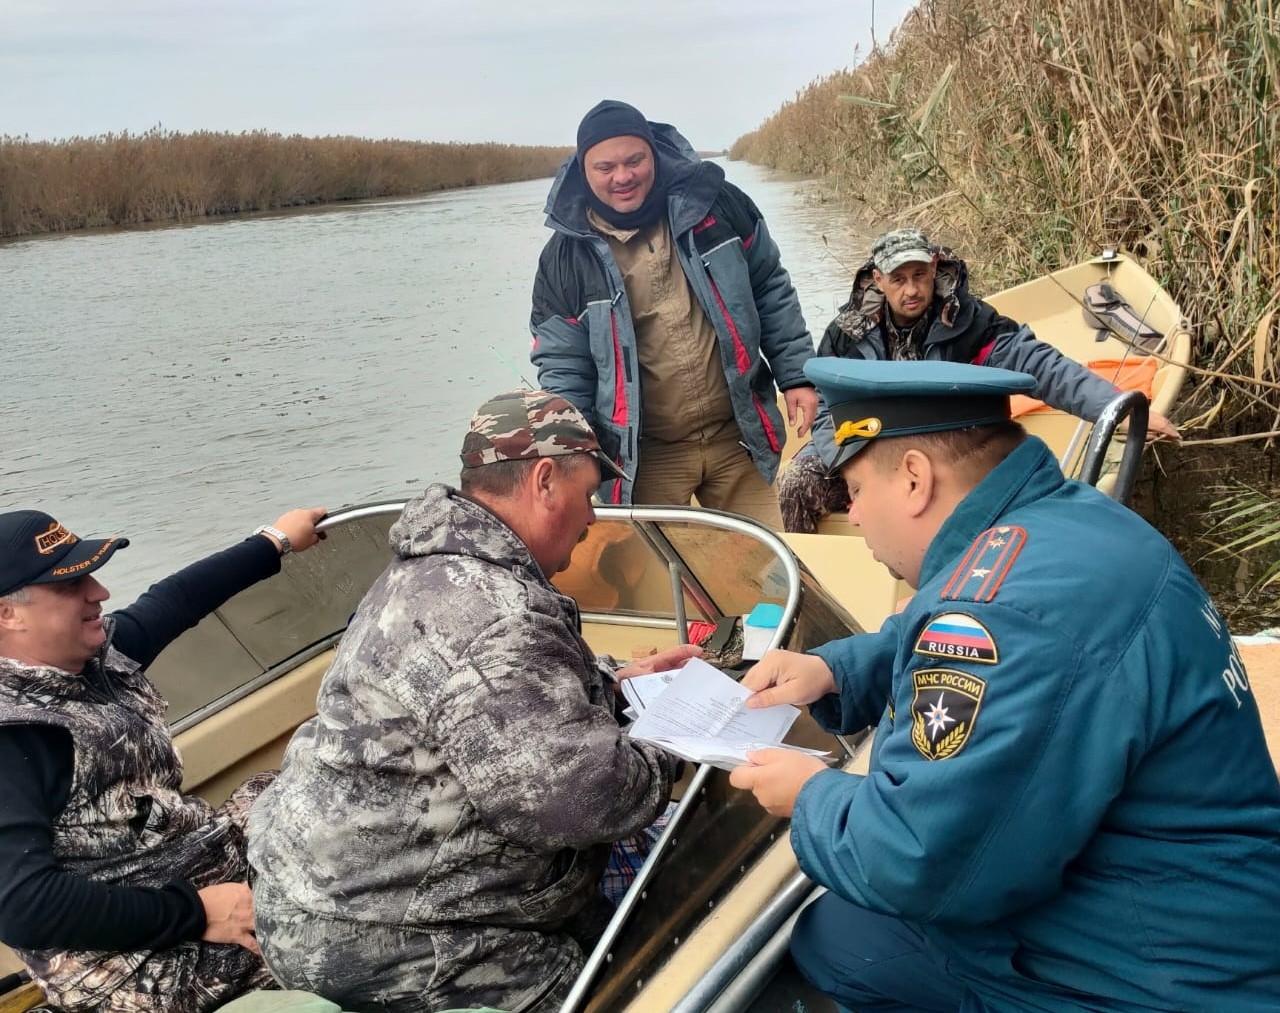 Астраханское МЧС провело 952 водных рейда с начала года